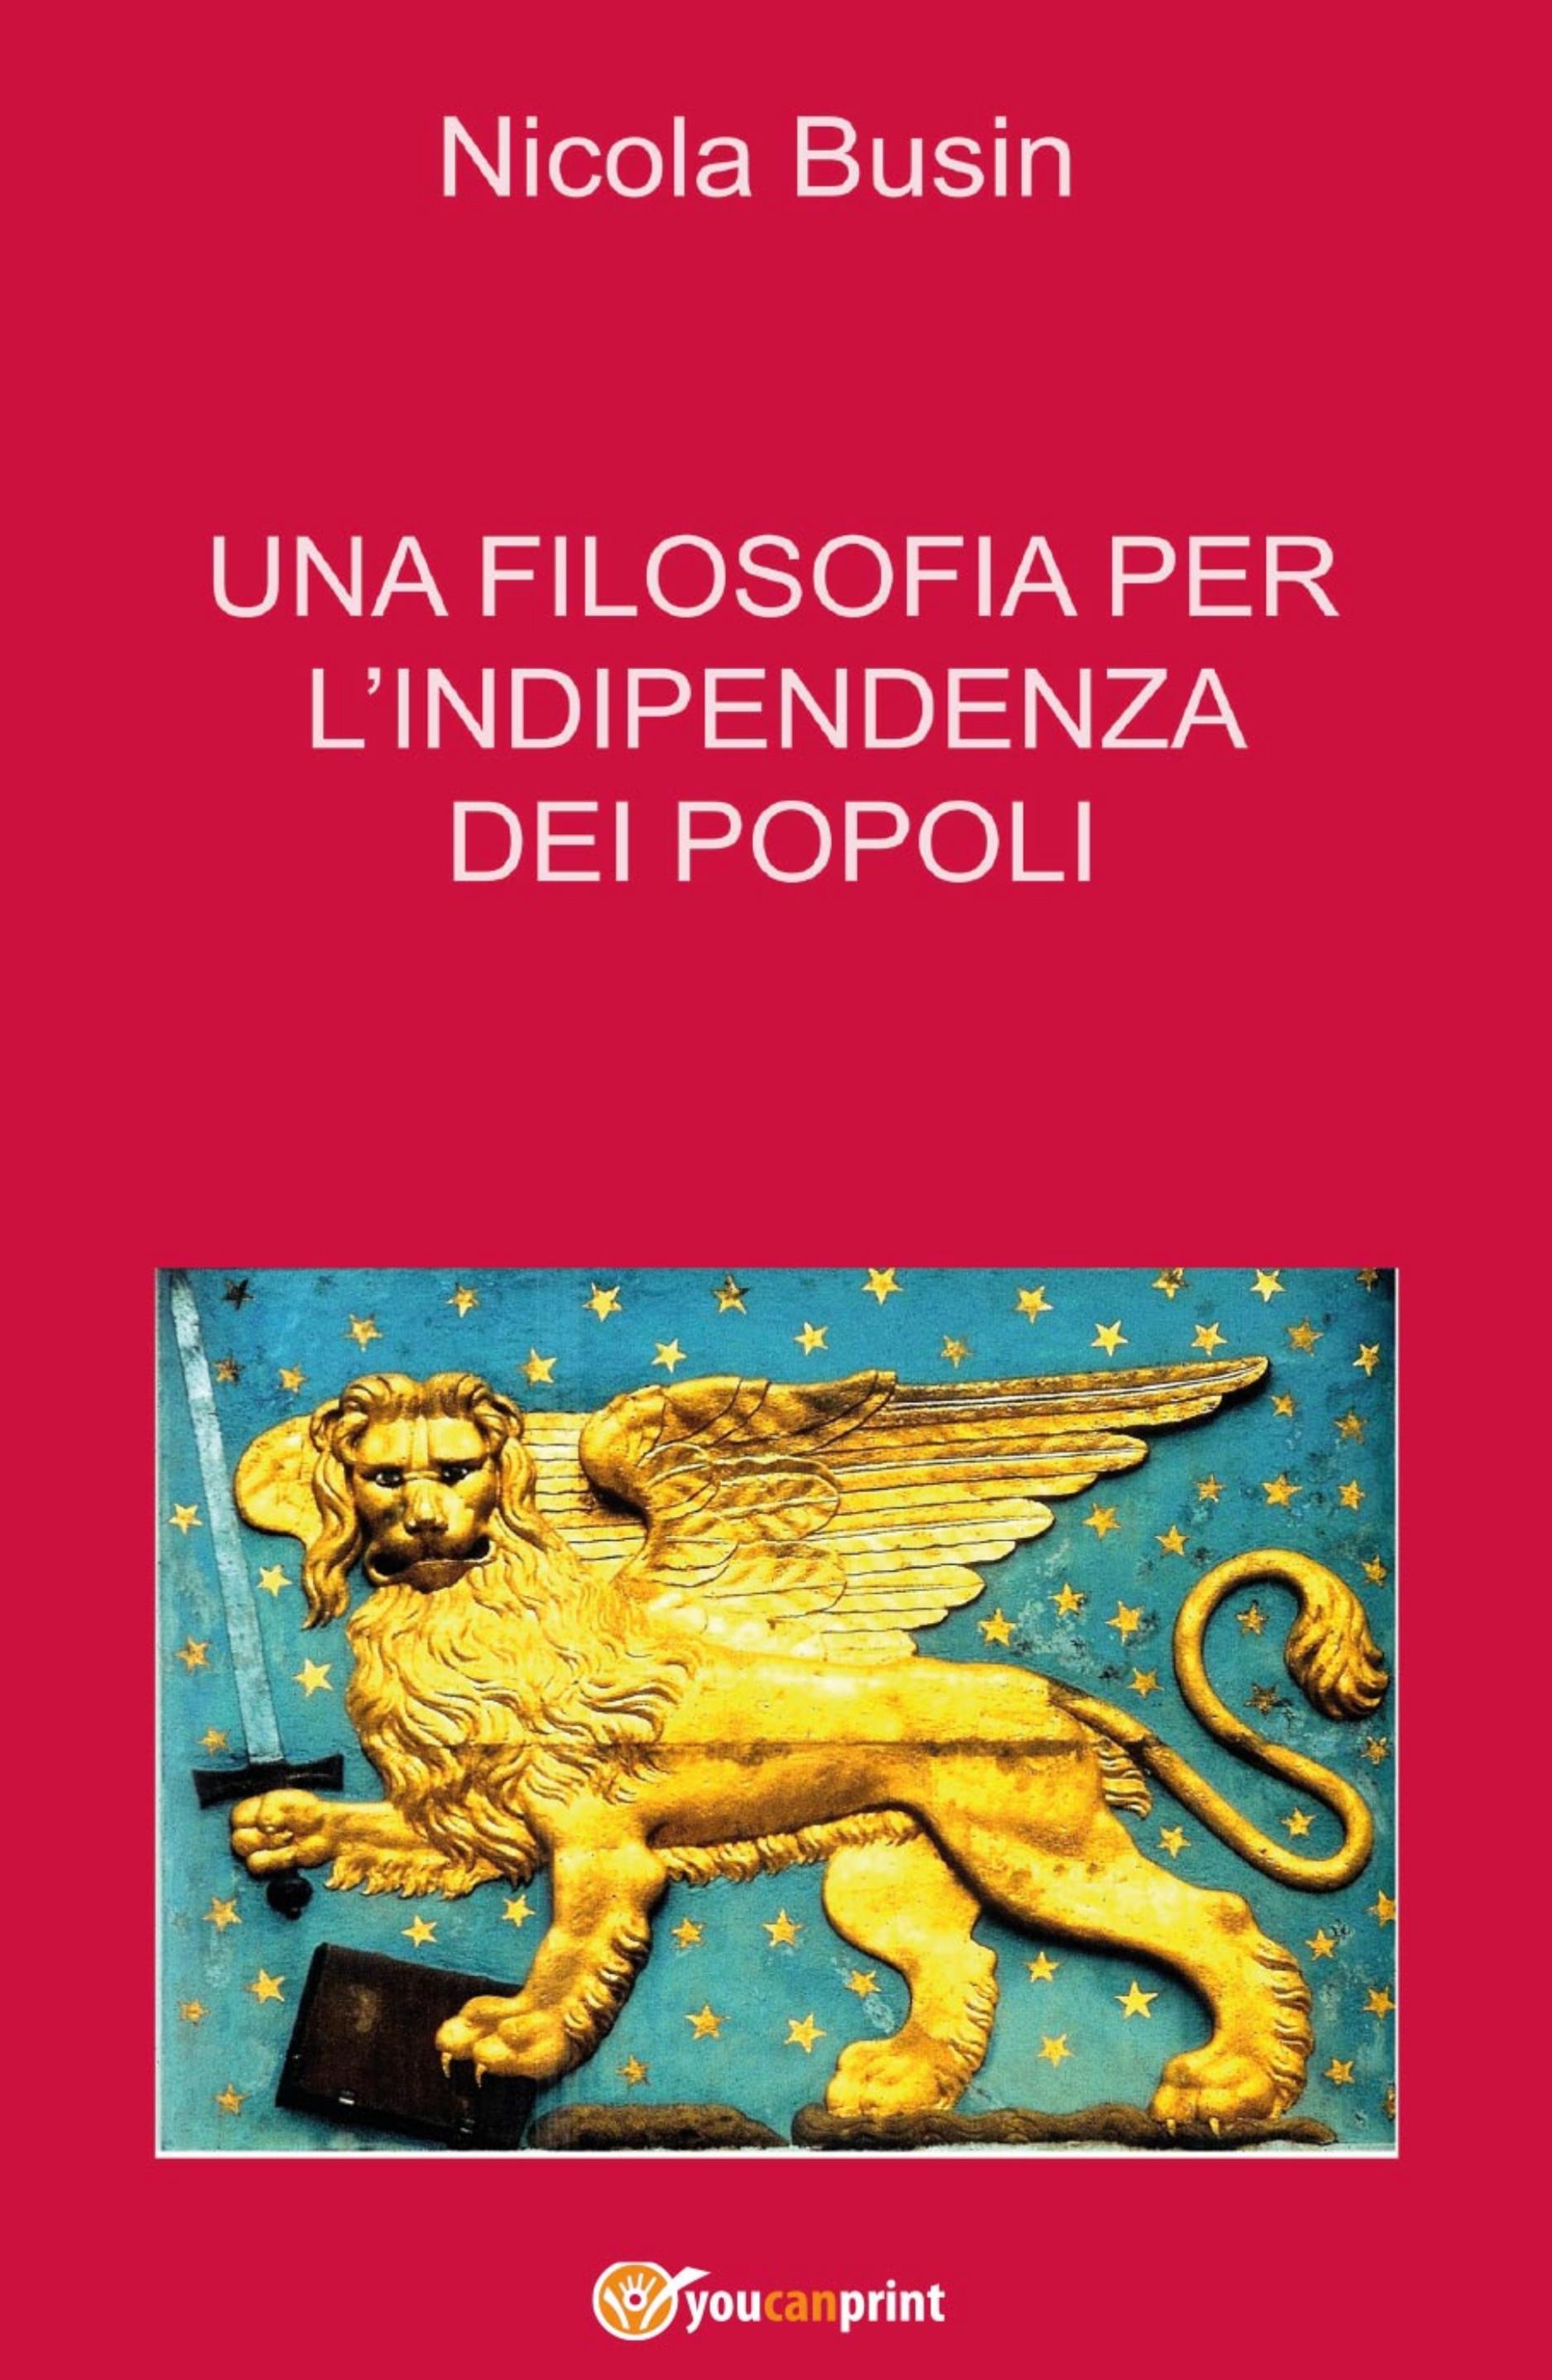 Una filosofia per l'indipendenza dei popoli